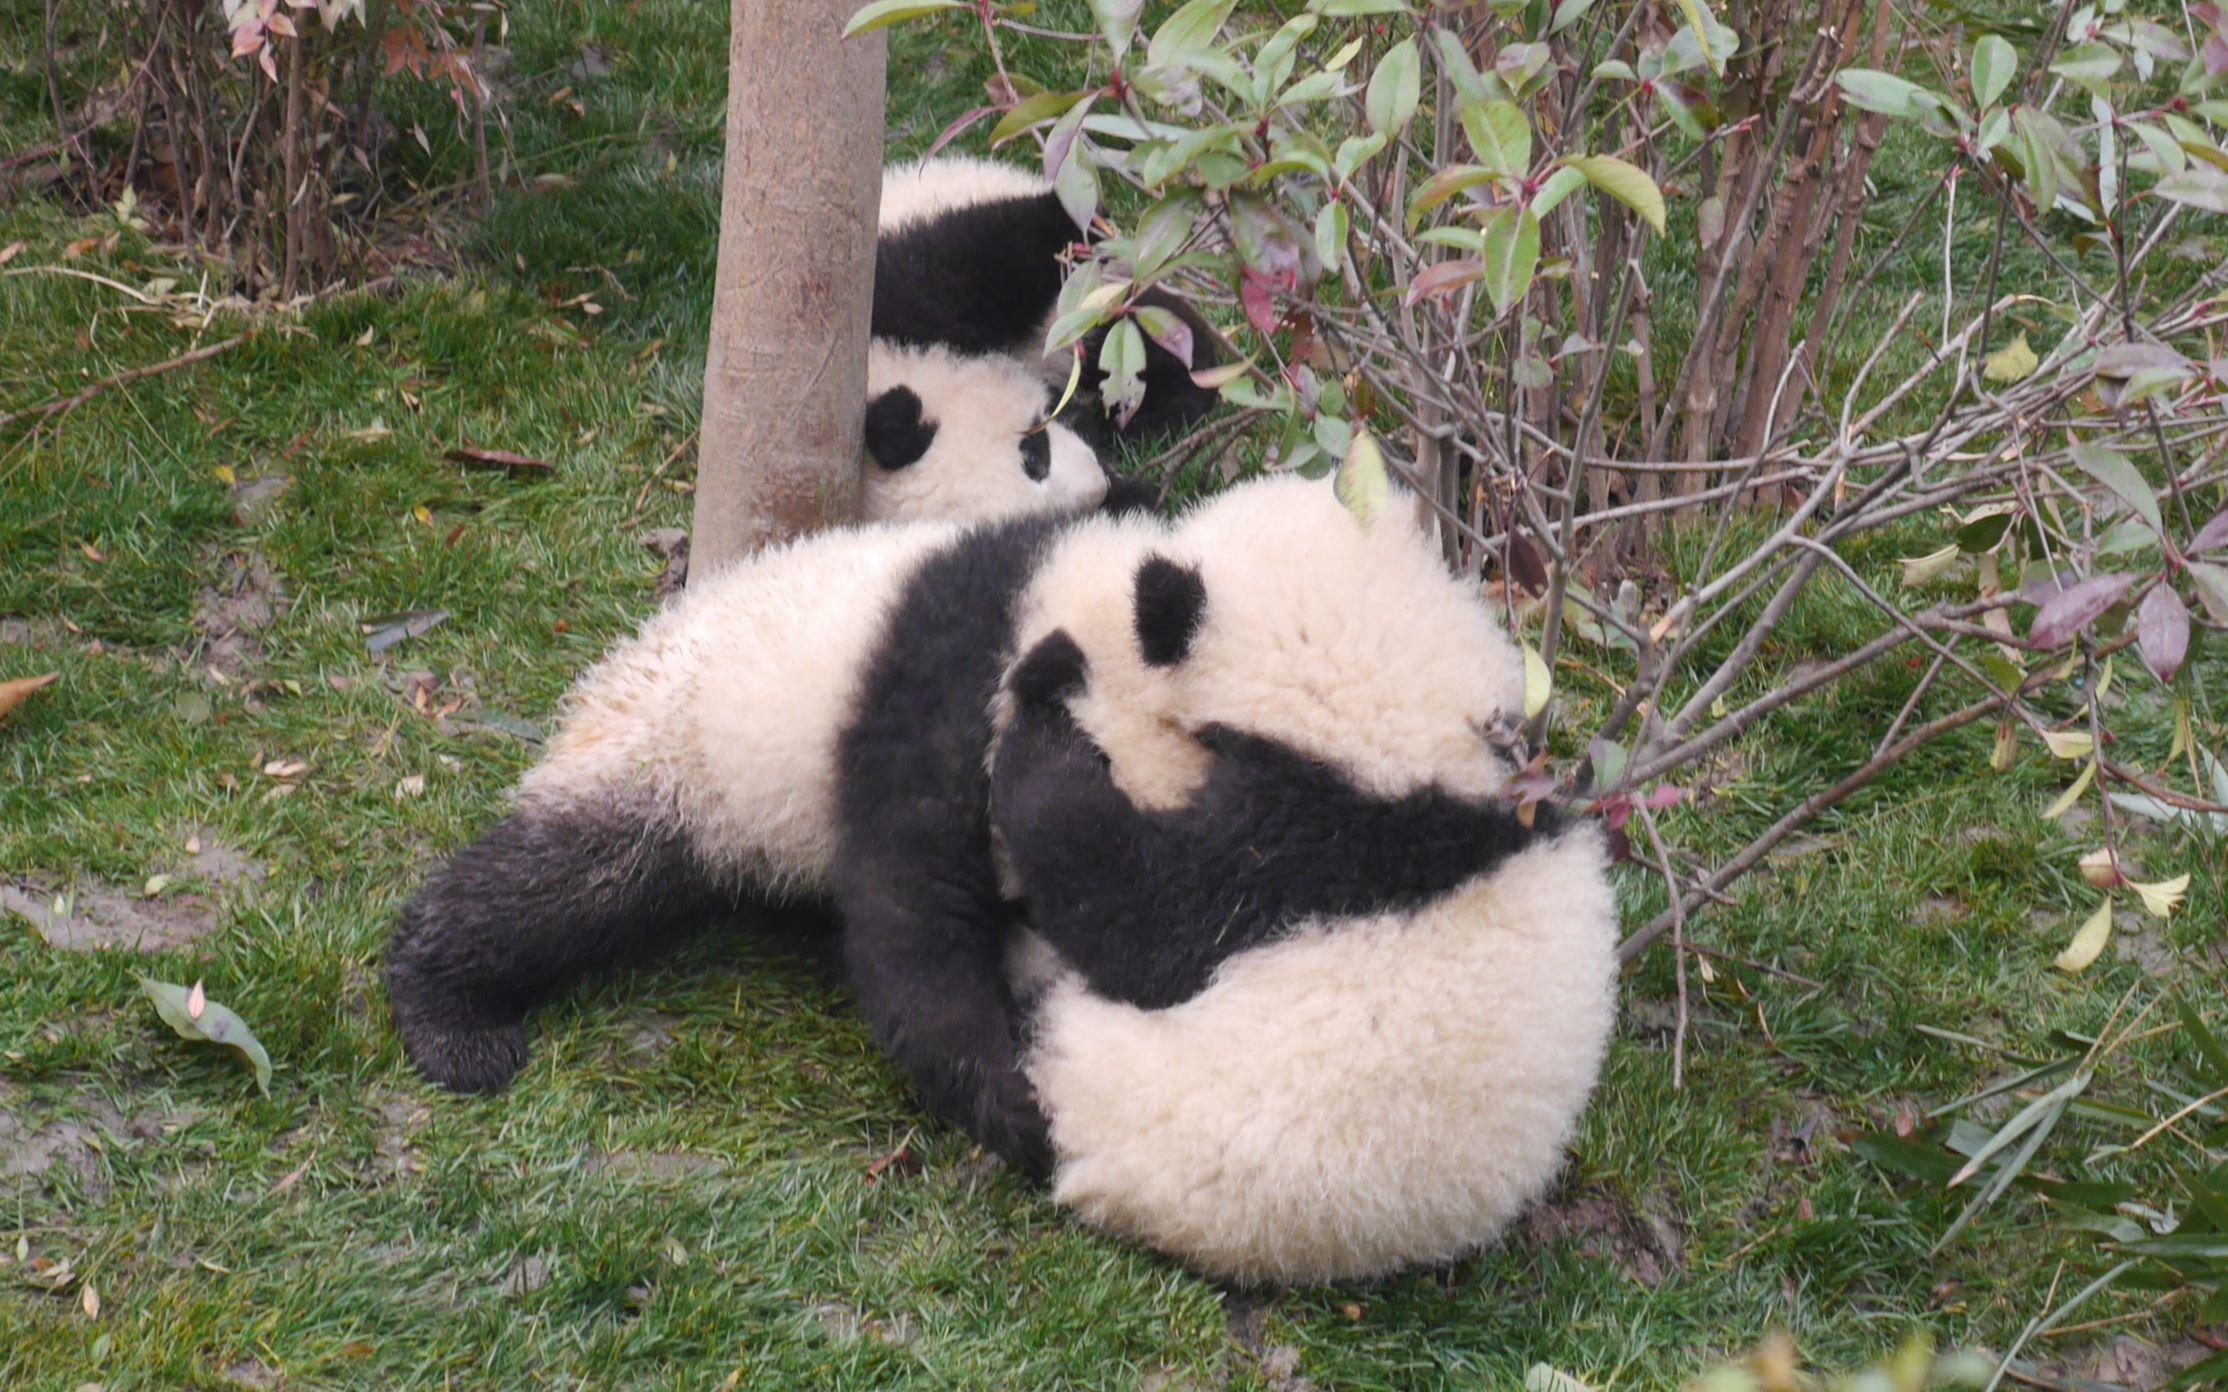 壁纸 大熊猫 动物 2228_1392